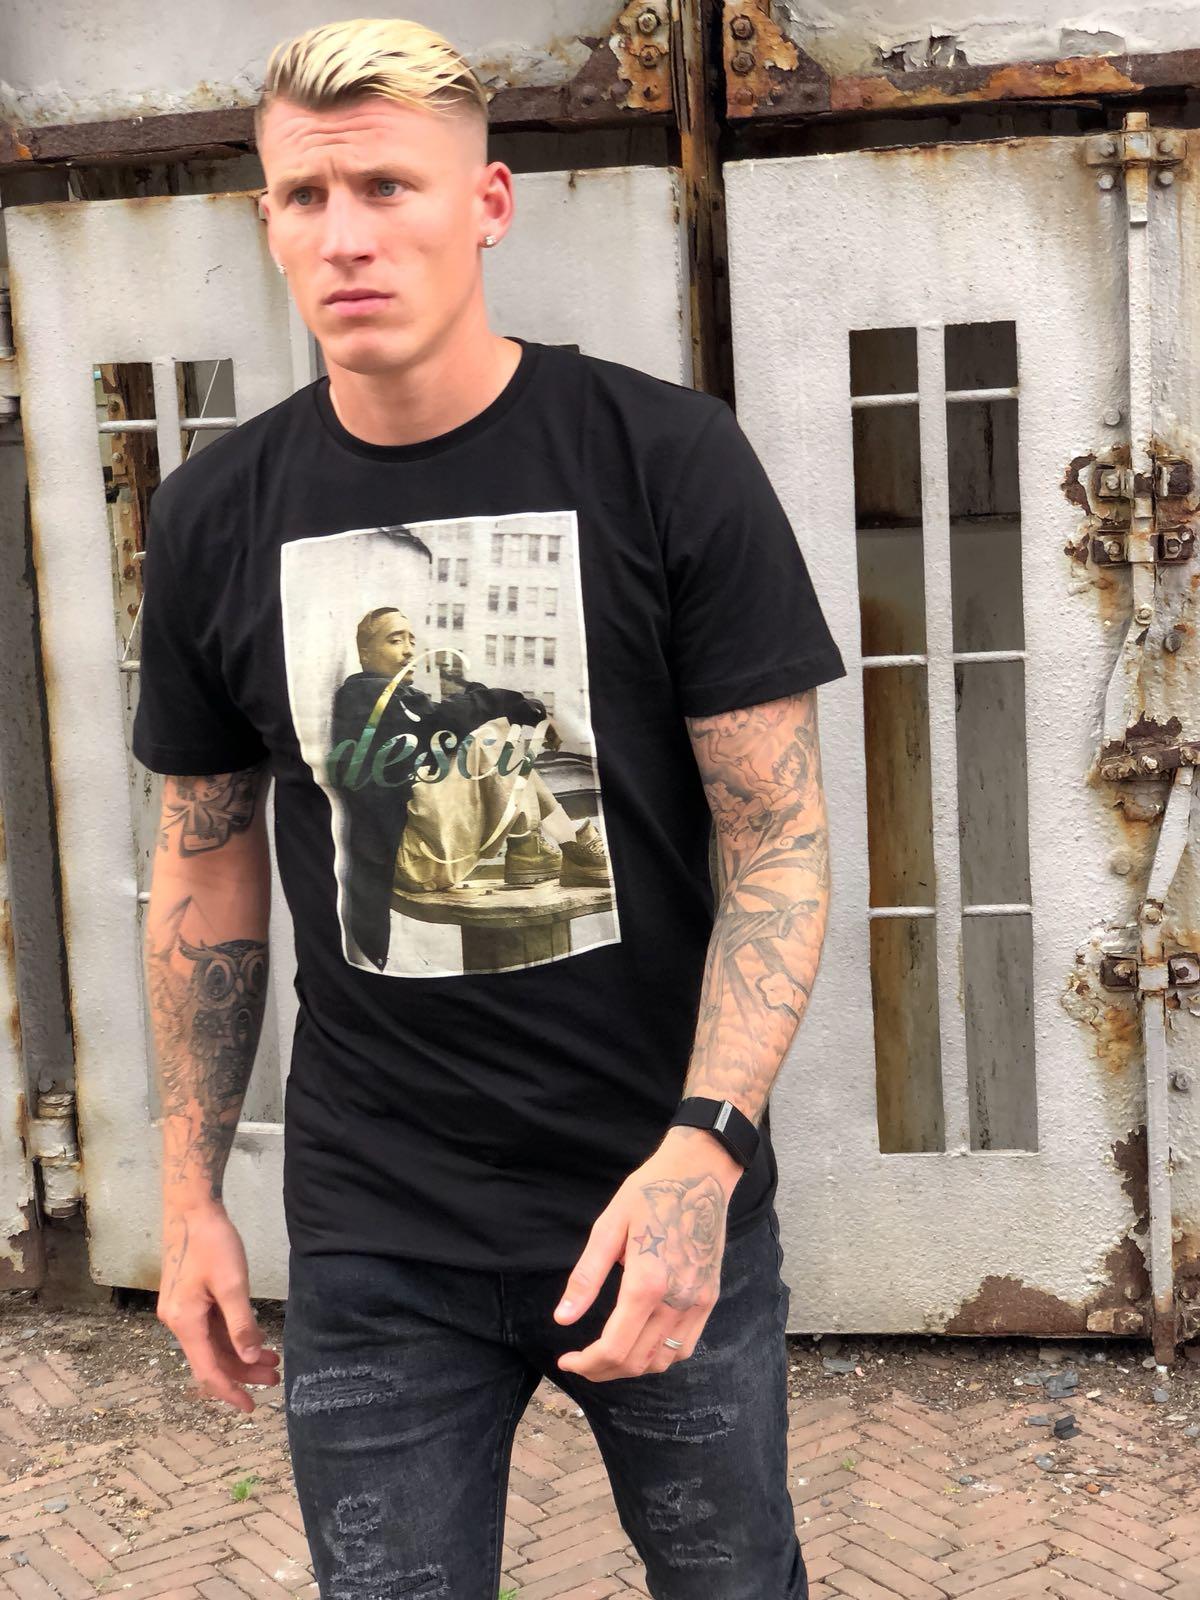 Tupac Image T-shirt Black Unisex